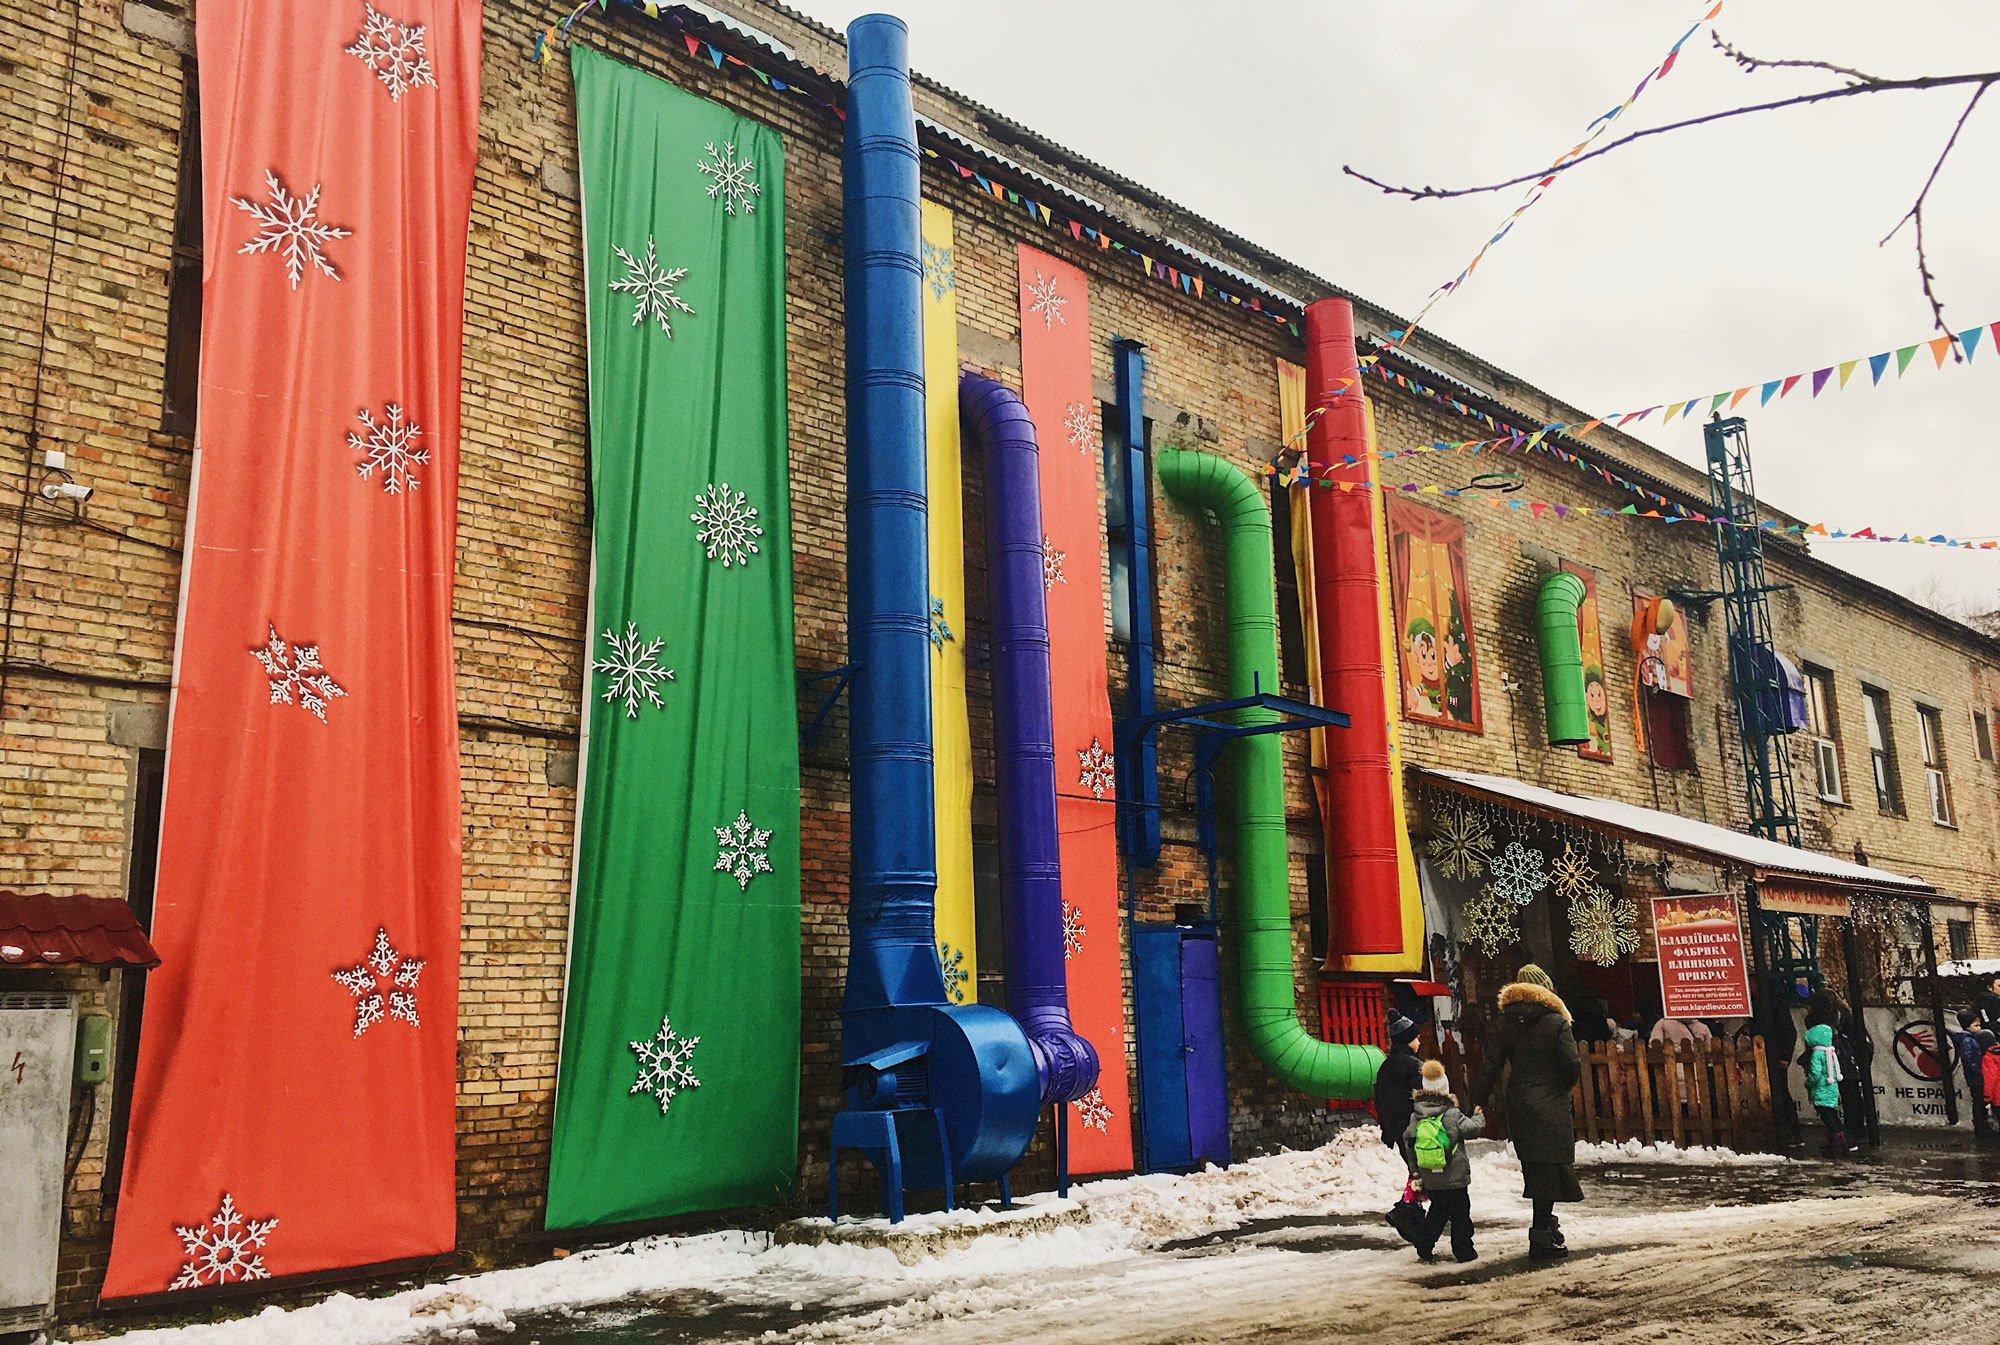 Народження  новорічної краси: як Kyivmaps на фабрику ялинкових прикрас їздили